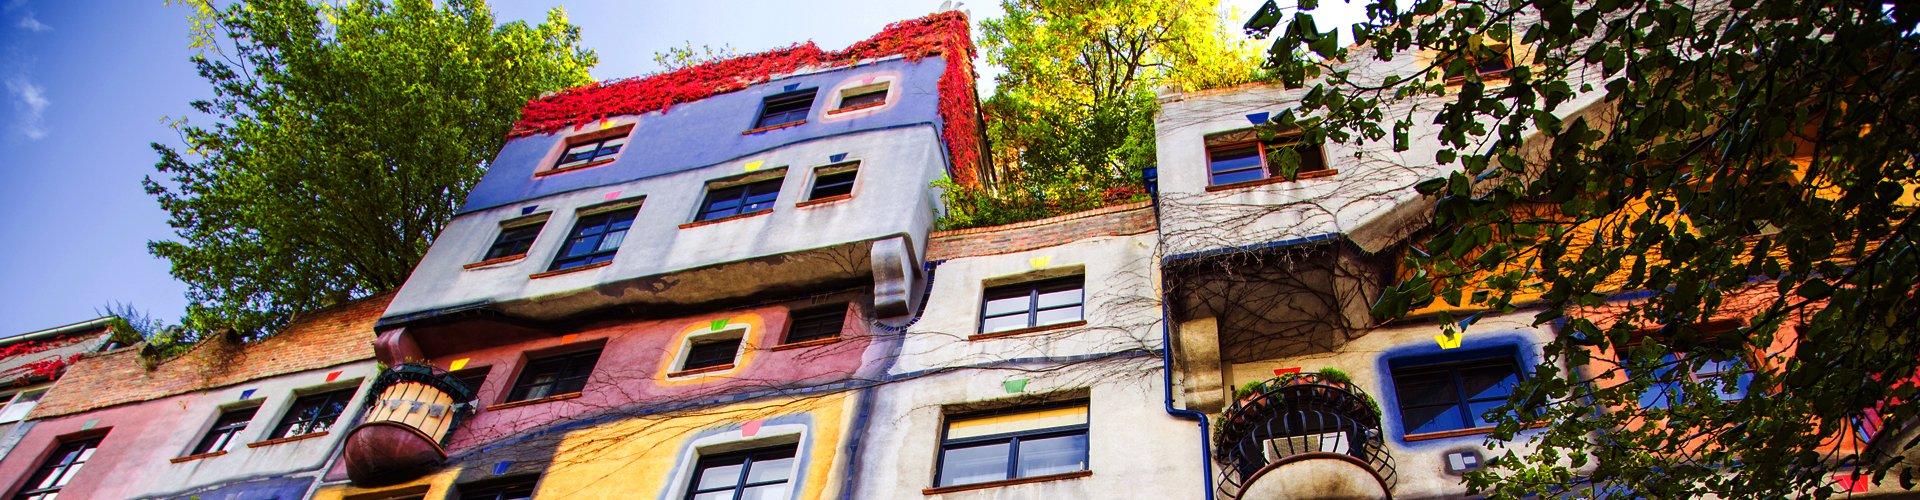 Hundertwasserhaus in Wenen, Oostenrijk